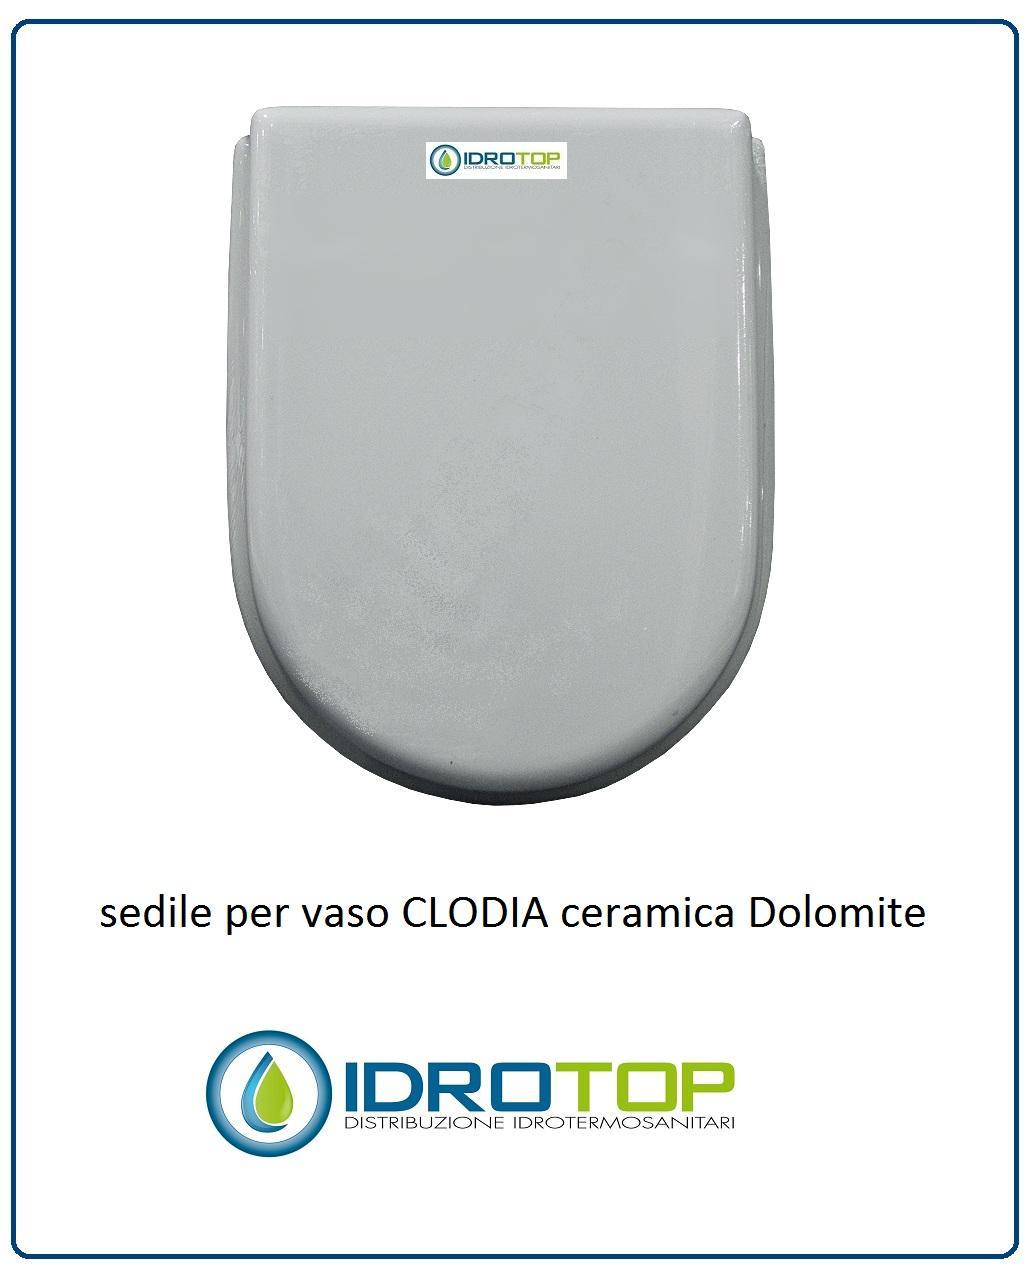 Sedile Wc Dolomite Clodia Originale.Copriwater Sedile Per Vaso Modello Clodia Dolomite